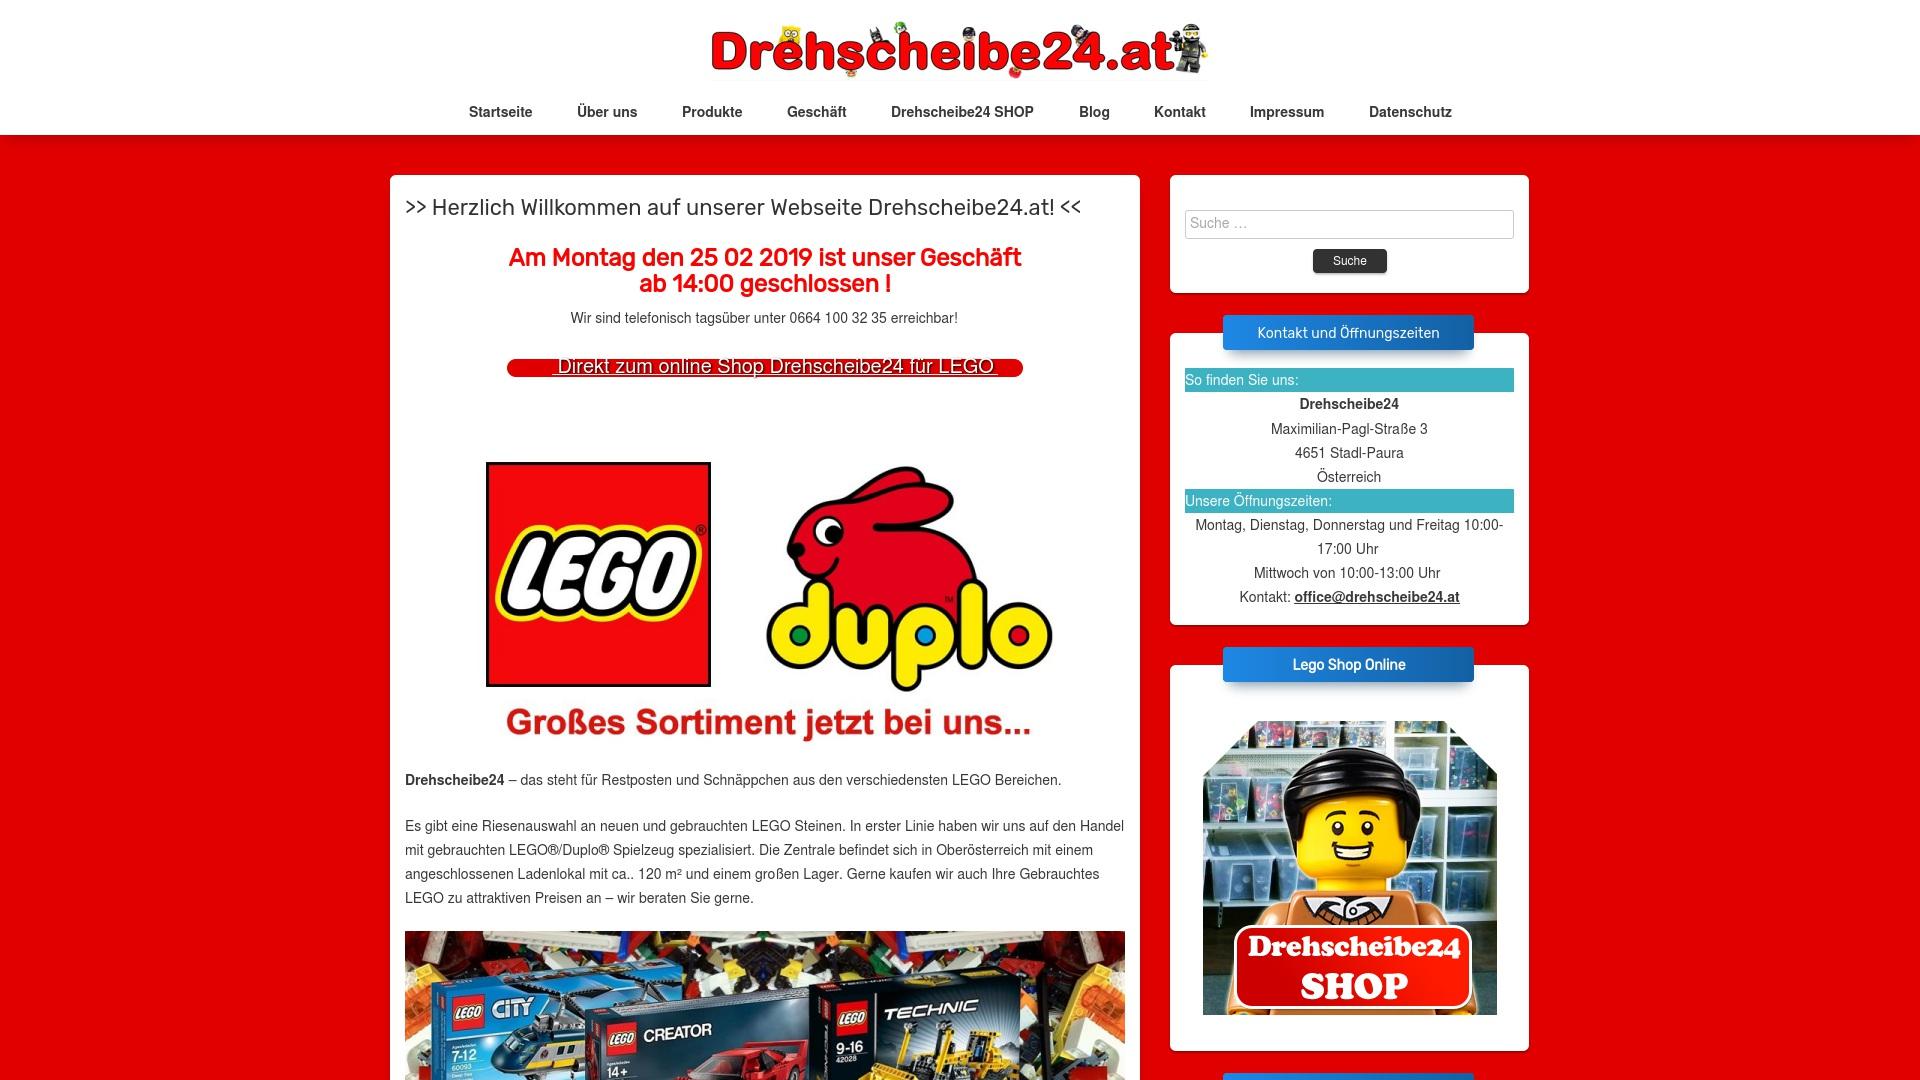 Gutschein für Drehscheibe24: Rabatte für Drehscheibe24 sichern